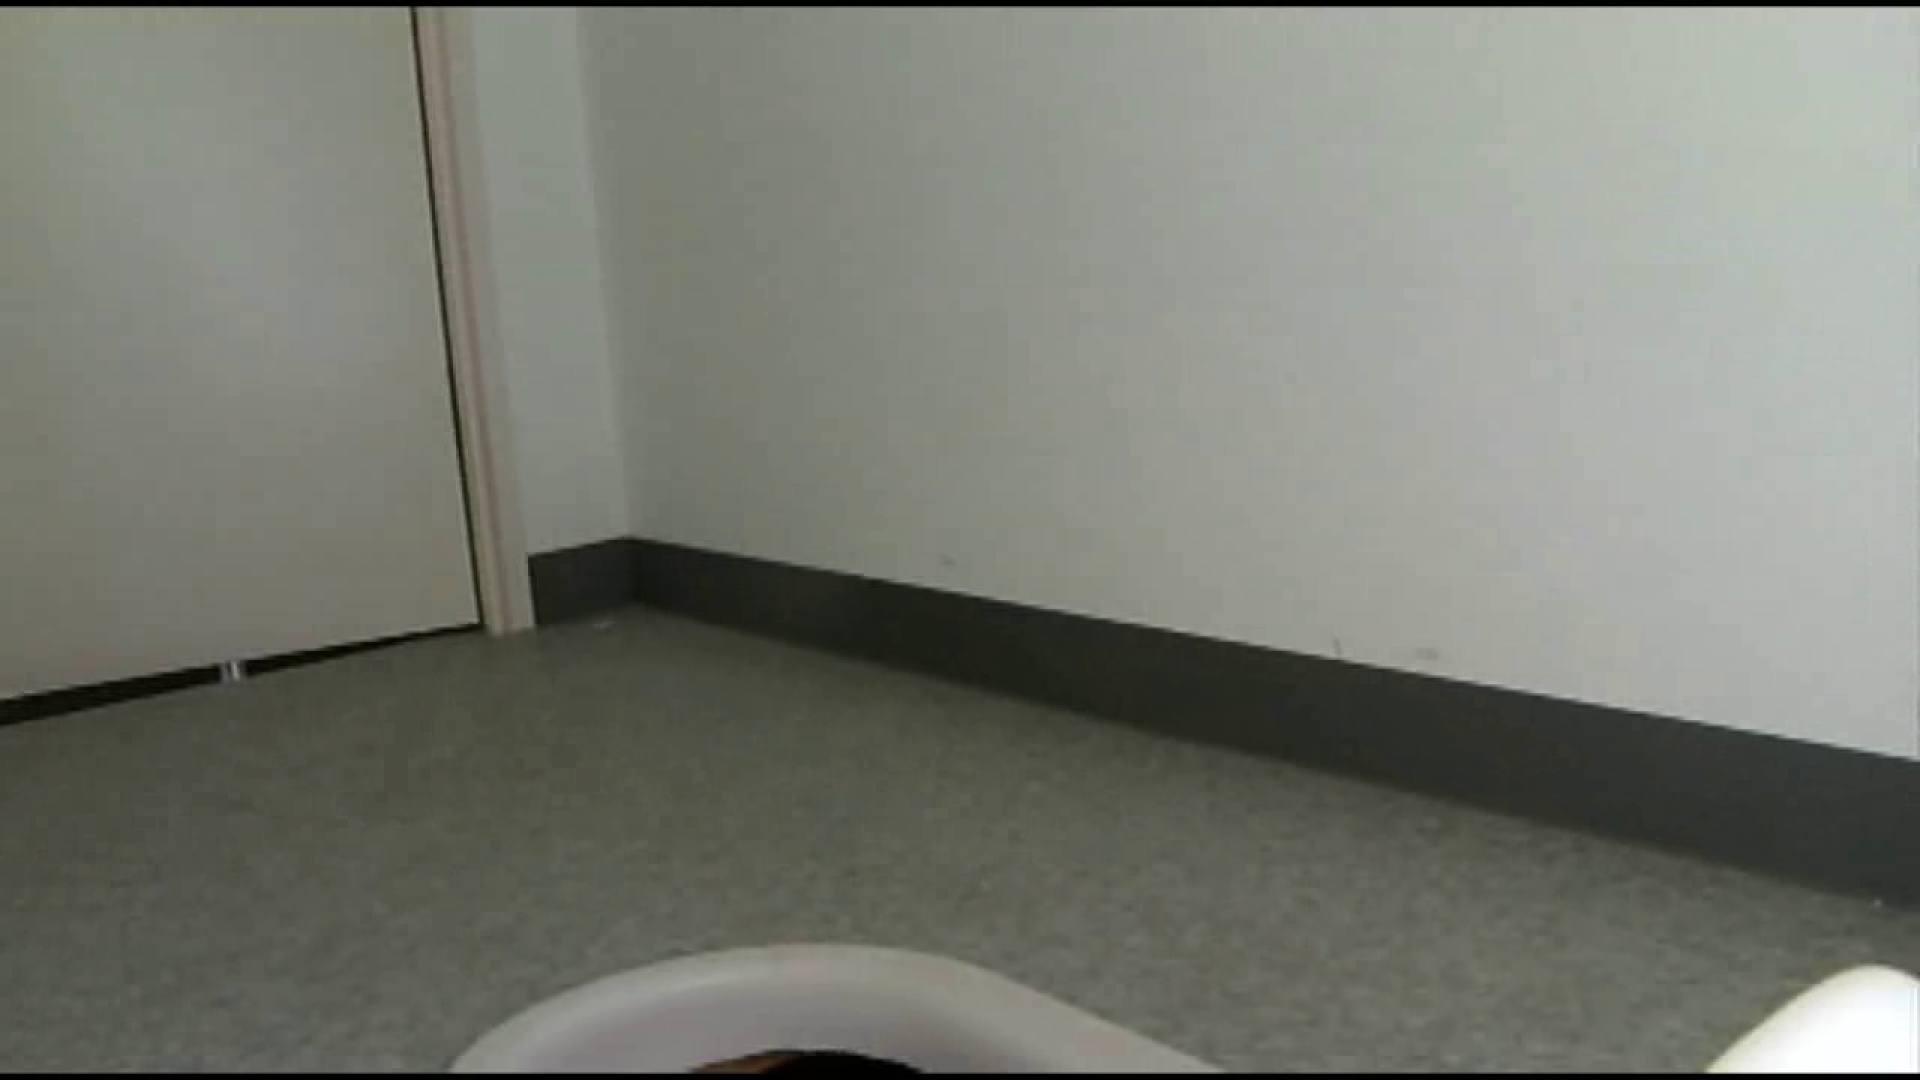 和式にまたがる女たちを待ちうけるカメラの衝撃映像vol.01 OLセックス 盗み撮りSEX無修正画像 89画像 2